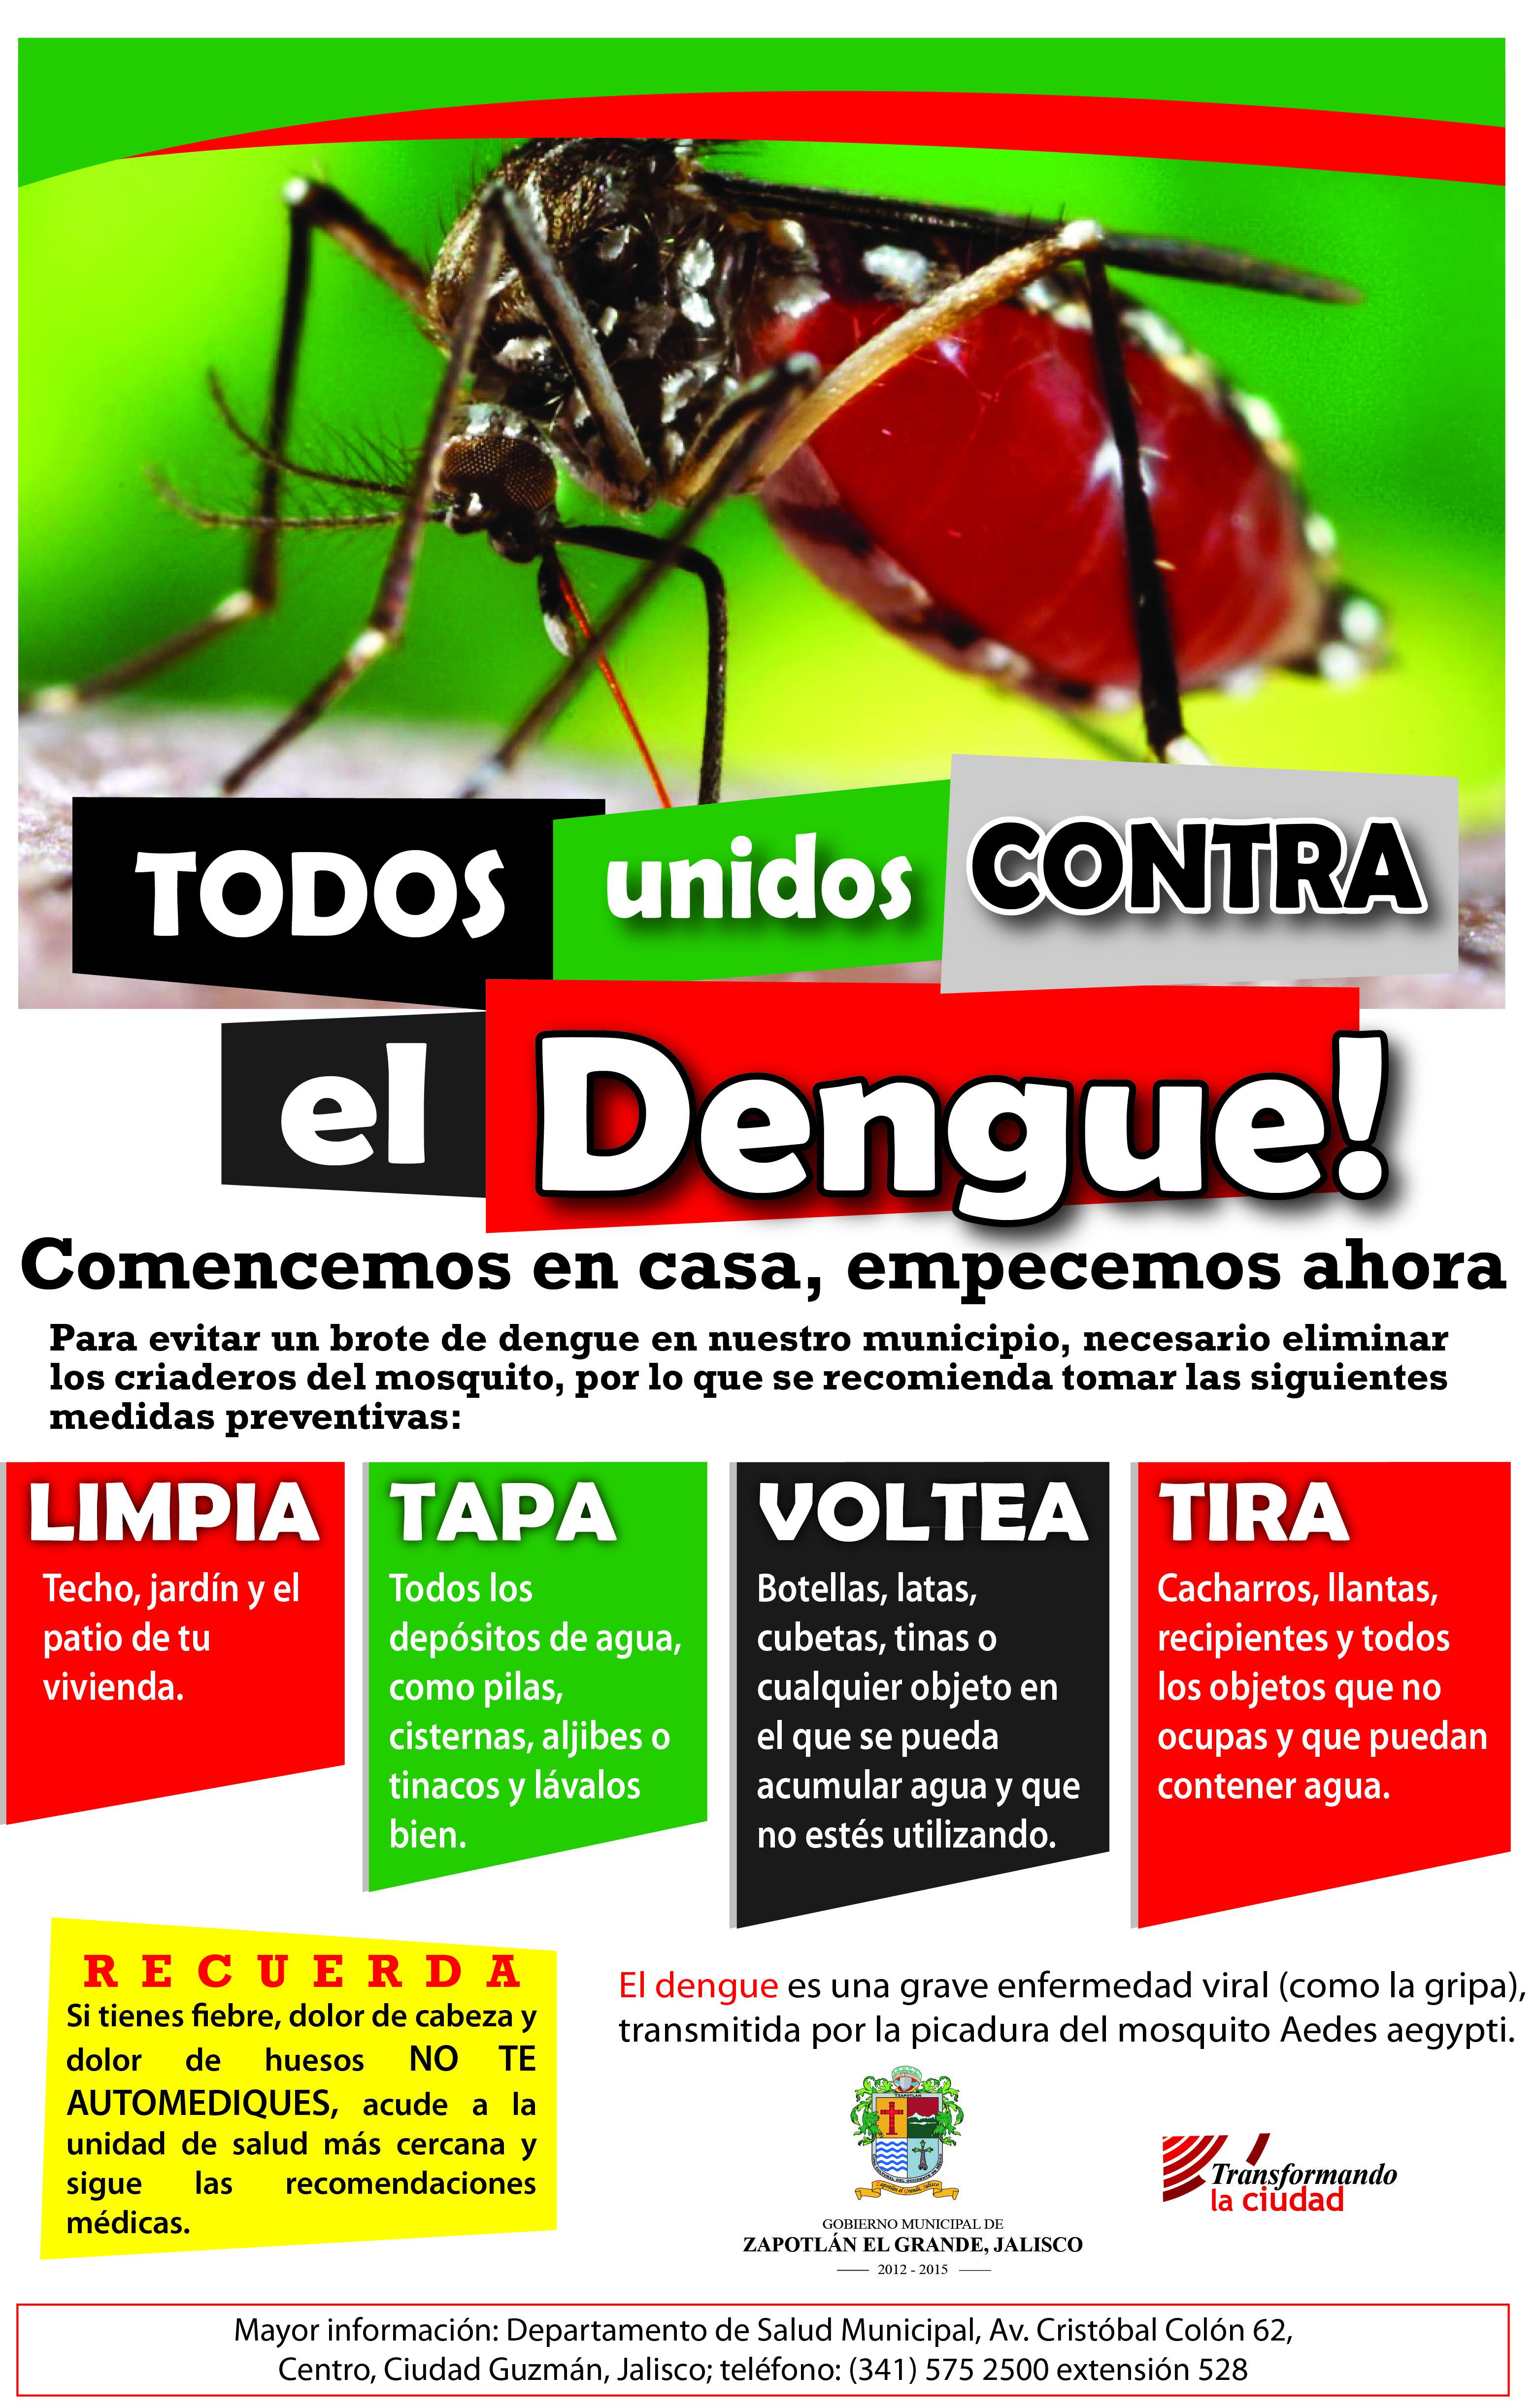 Gobierno municipal de zapotl n el grande jalisco for Como eliminar los mosquitos del jardin